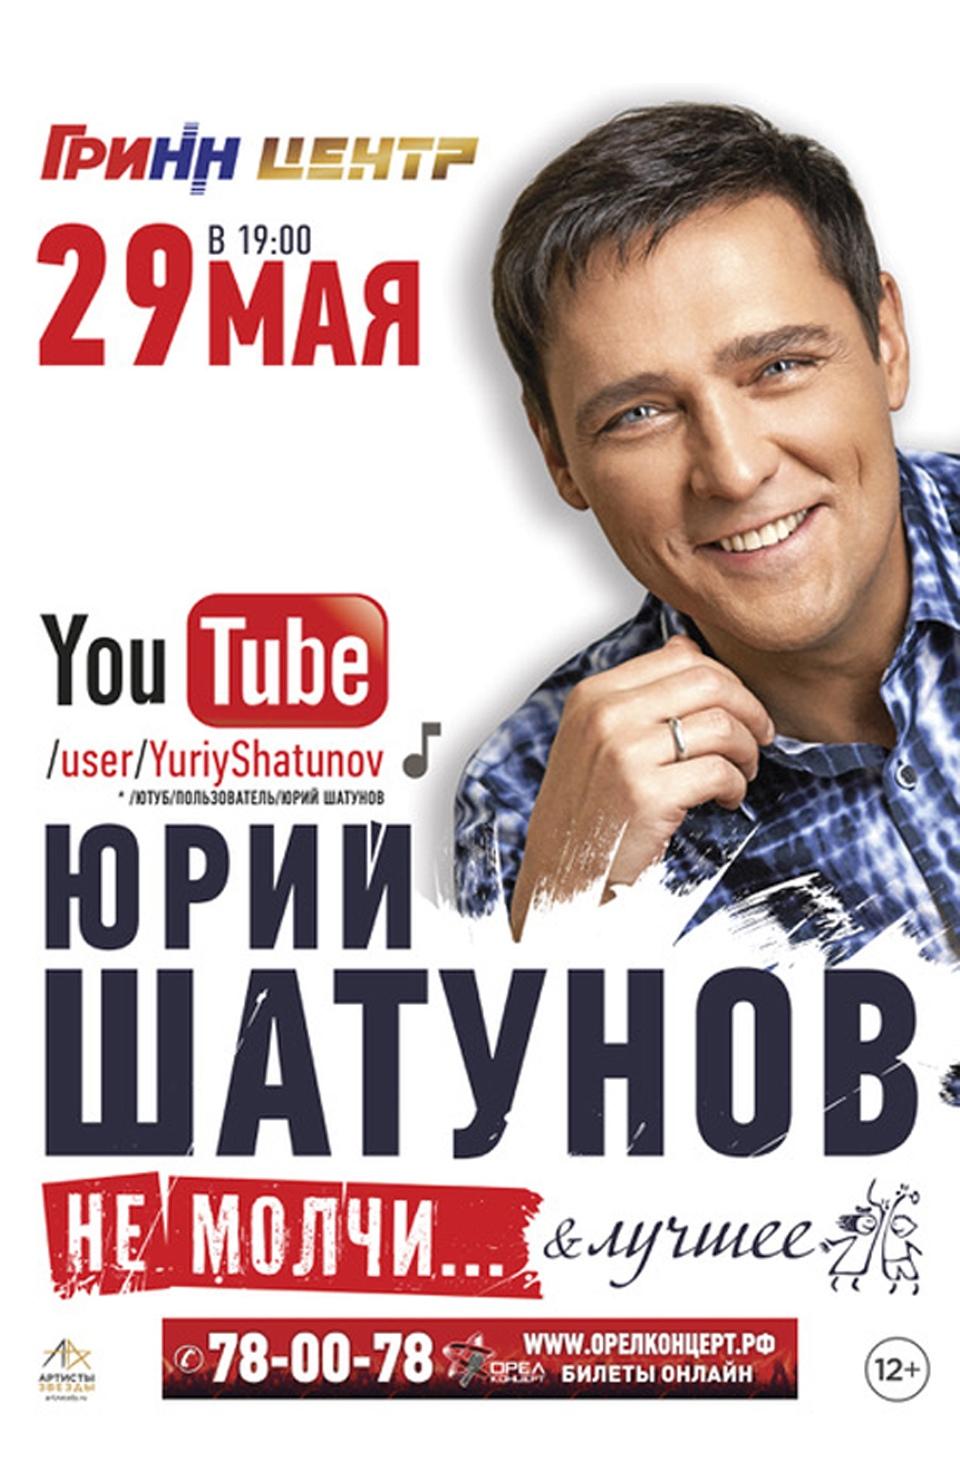 Юрий Шатунов «Не молчи… & лучшее»